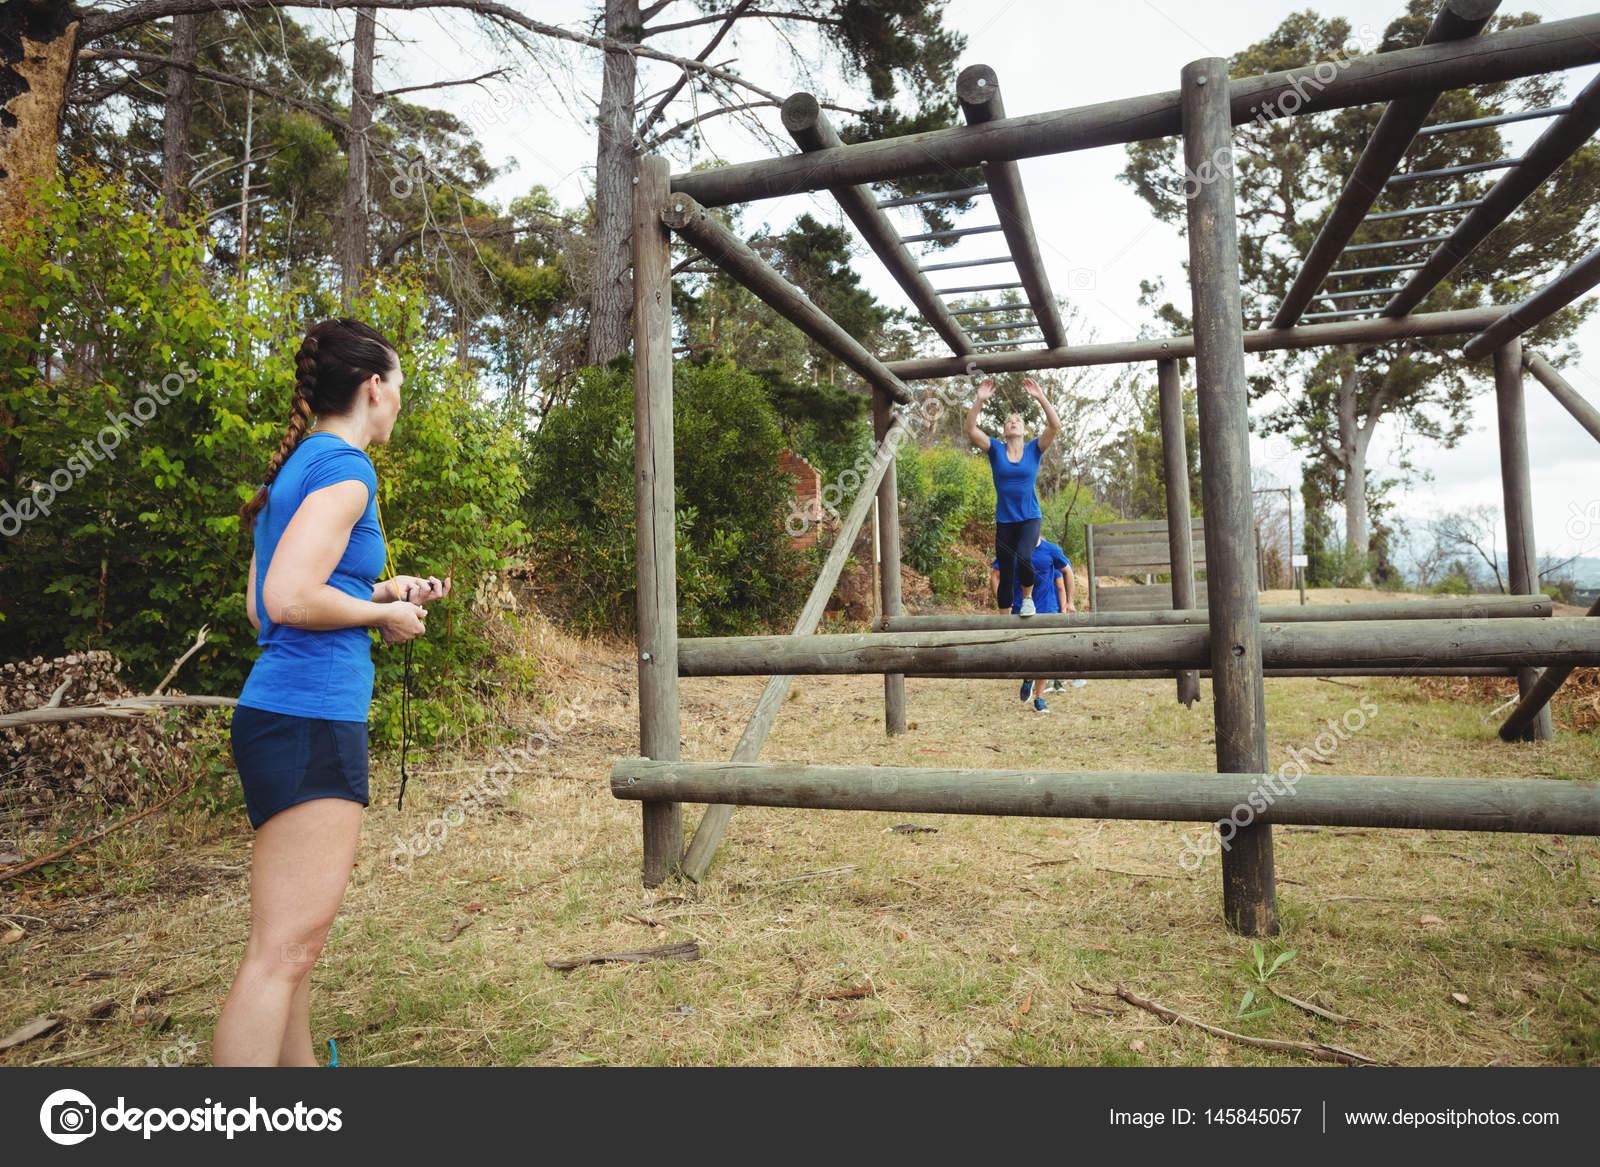 Klettergerüst Reifen : Passen sie frau klettern klettergerüst u2014 stockfoto © wavebreakmedia